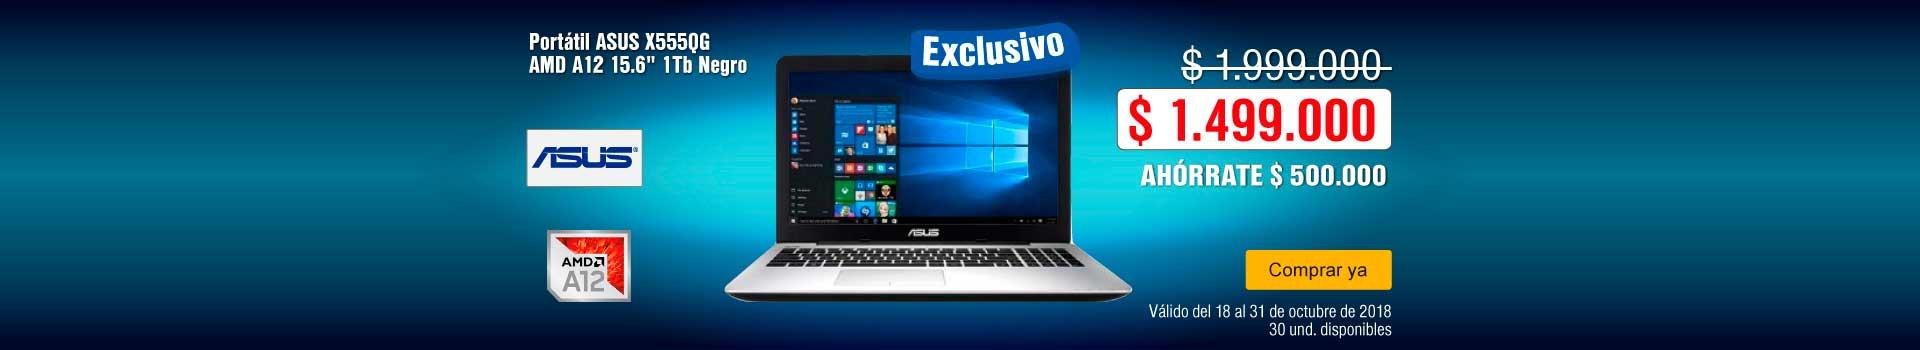 KT-BCAT-4-computadores y tablets-PP---Acer-Portátil X555QG-Oct20